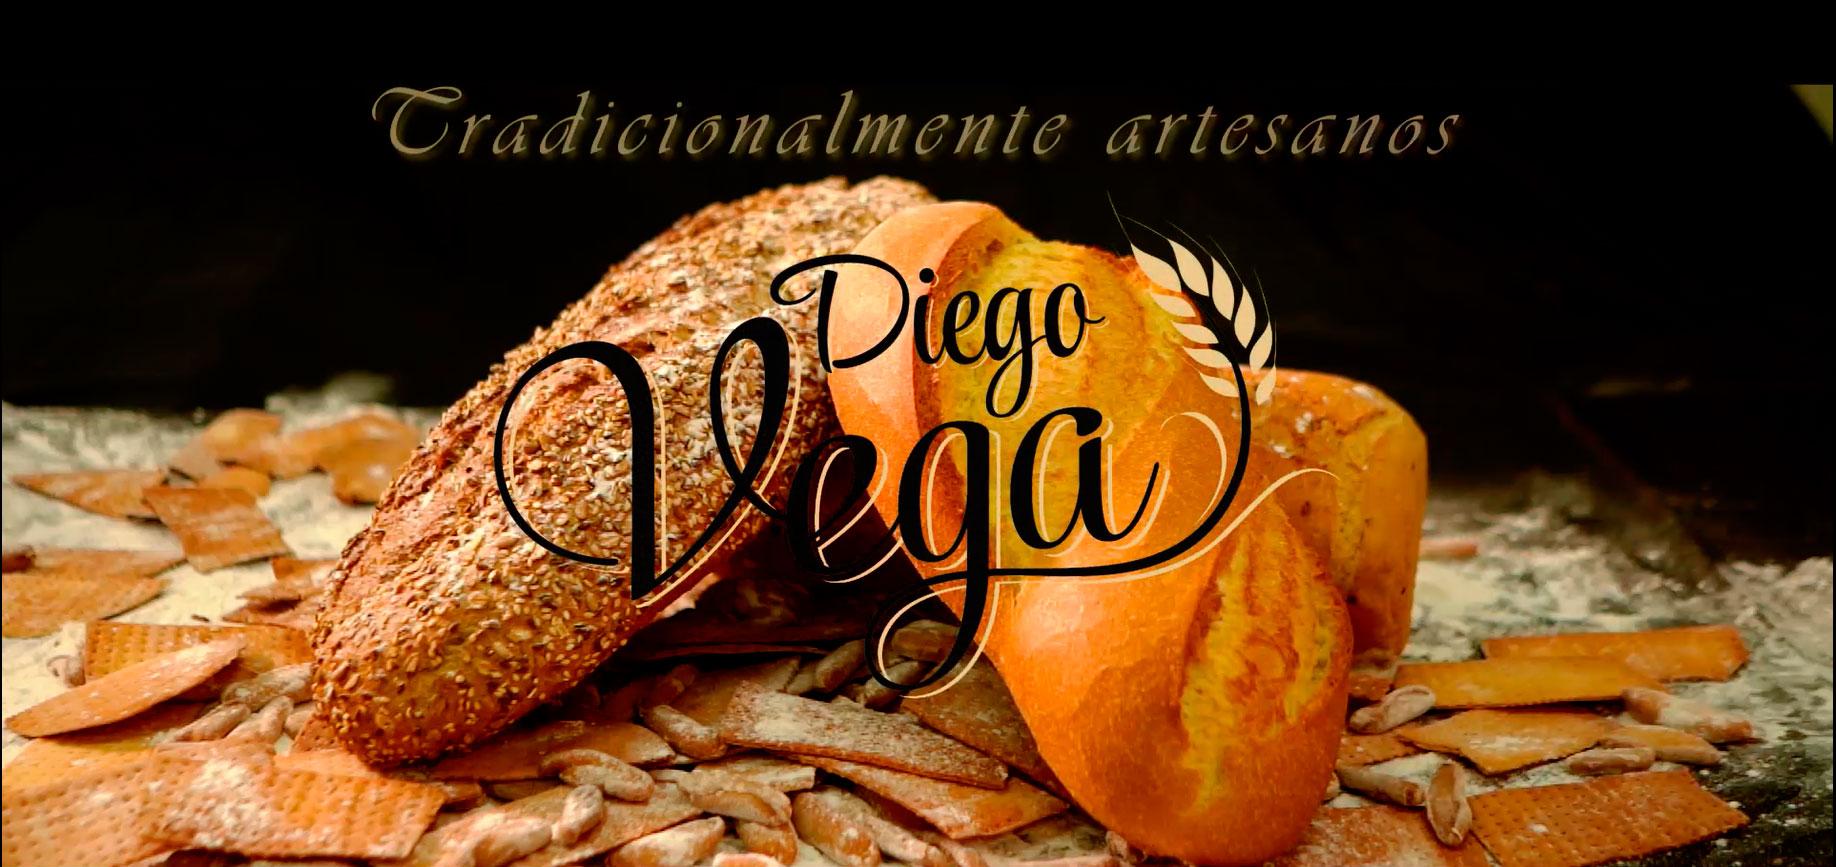 Panes Diego Vega. Tradicionalmente artesanos